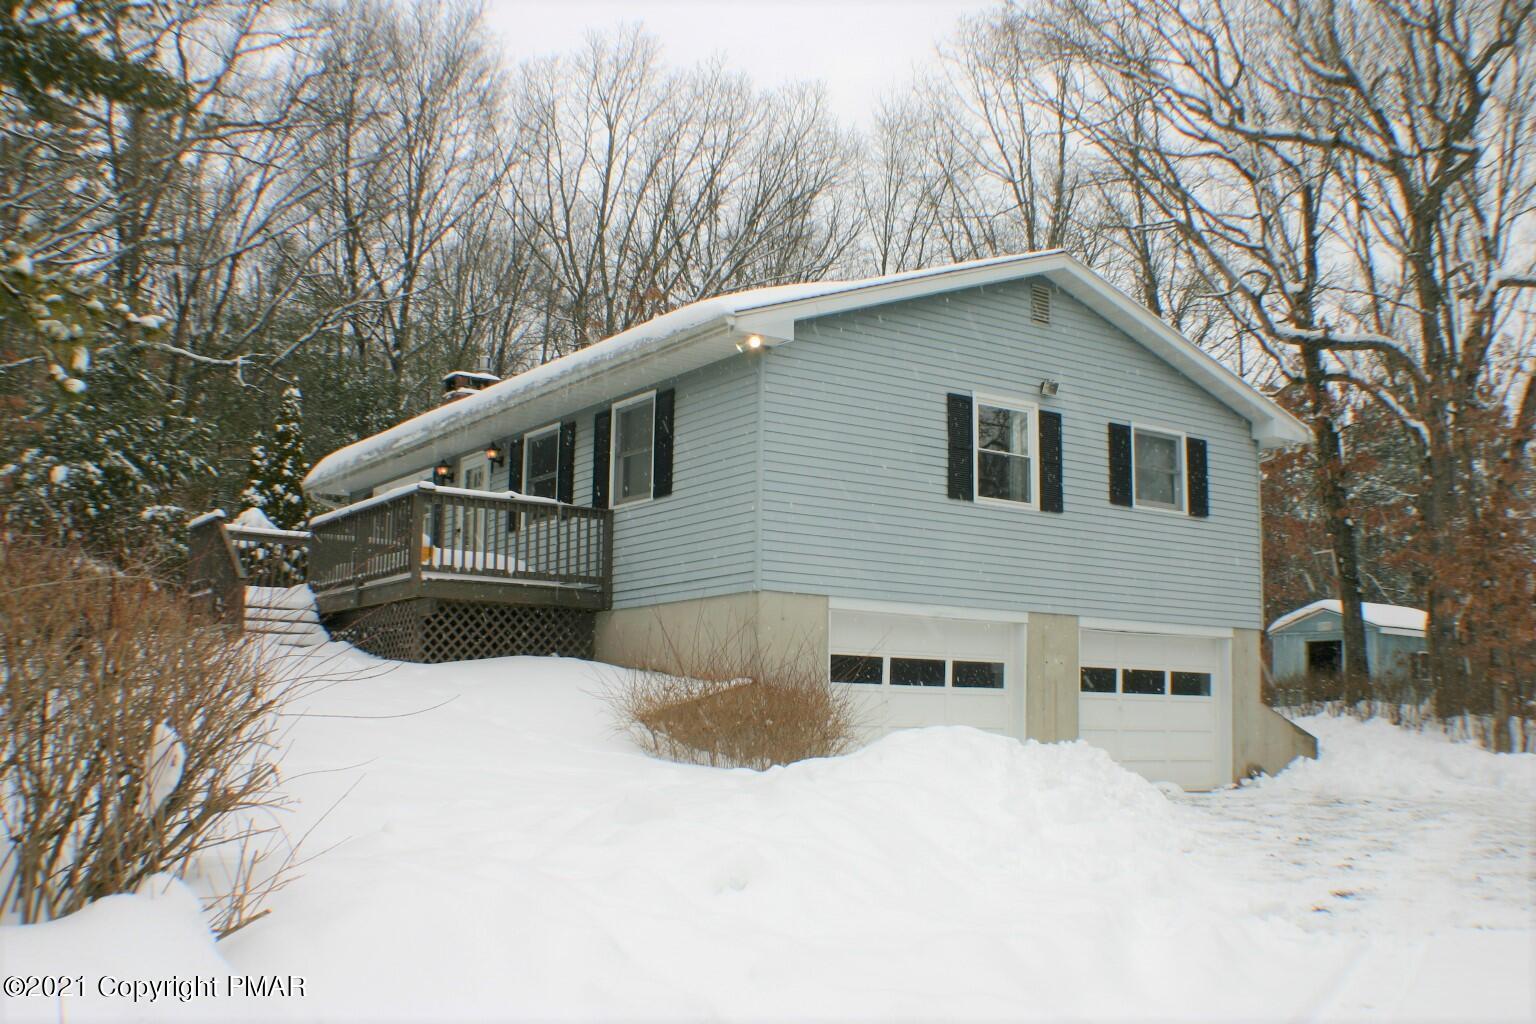 1002 Jackson View Rd, Stroudsburg, PA 18360